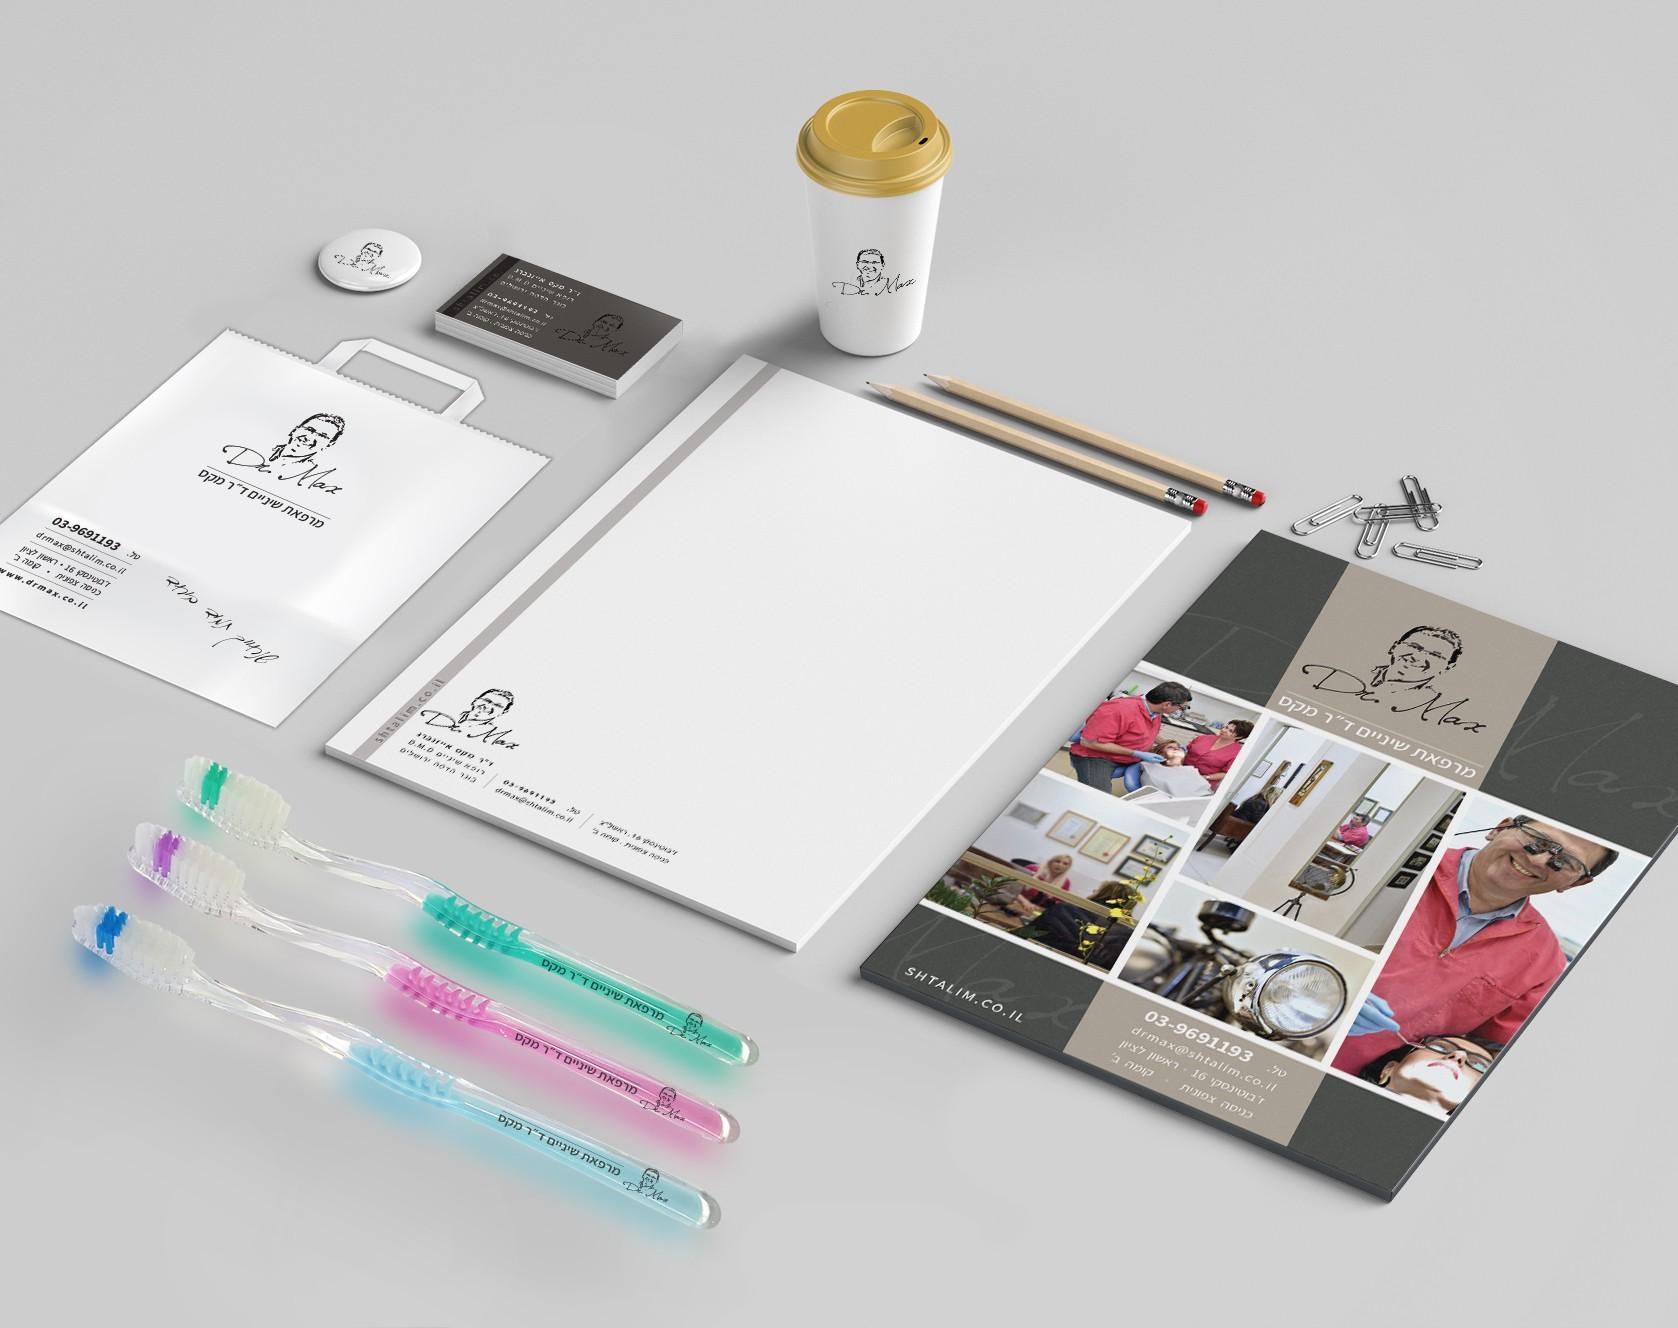 דר׳ מקס אייזנברג - עיצוב לוגו, ניירת, שקית מוצרים ממותגת,  מוצרי קדם